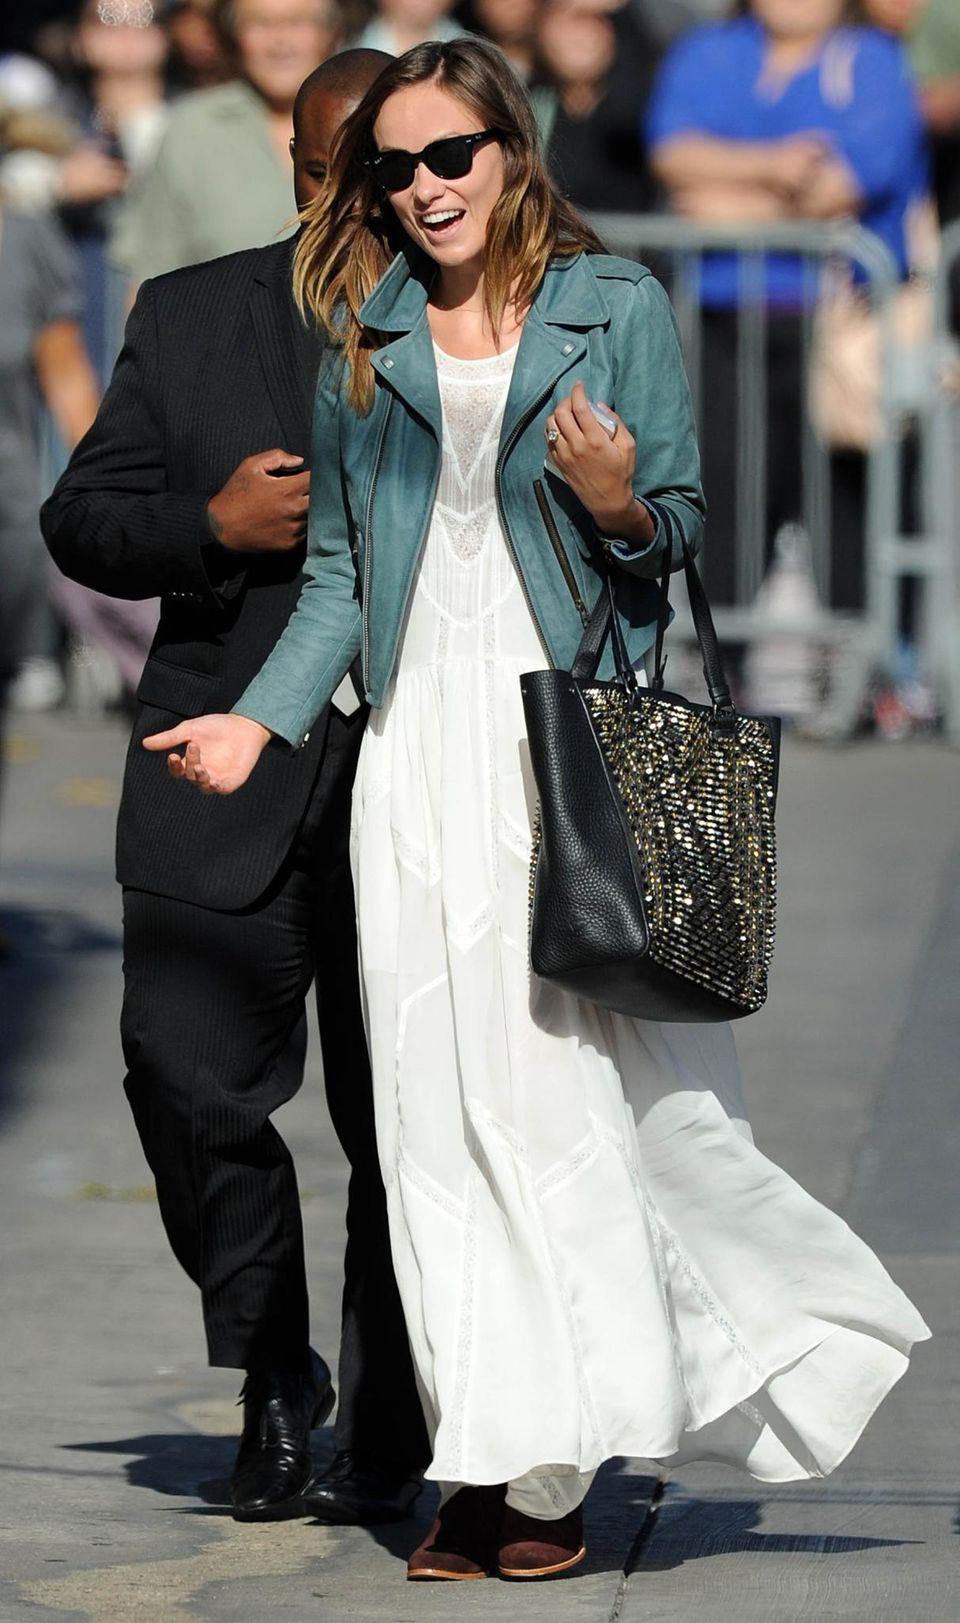 Olivia Wilde, die Verlobte von Comedian Jason Sudeikis, zeigt schonmal, wie sie als Braut aussehen könnte. Als Stilbruch zum weißen Kleid dienen die Lederjacke und eine schwarze Tasche.